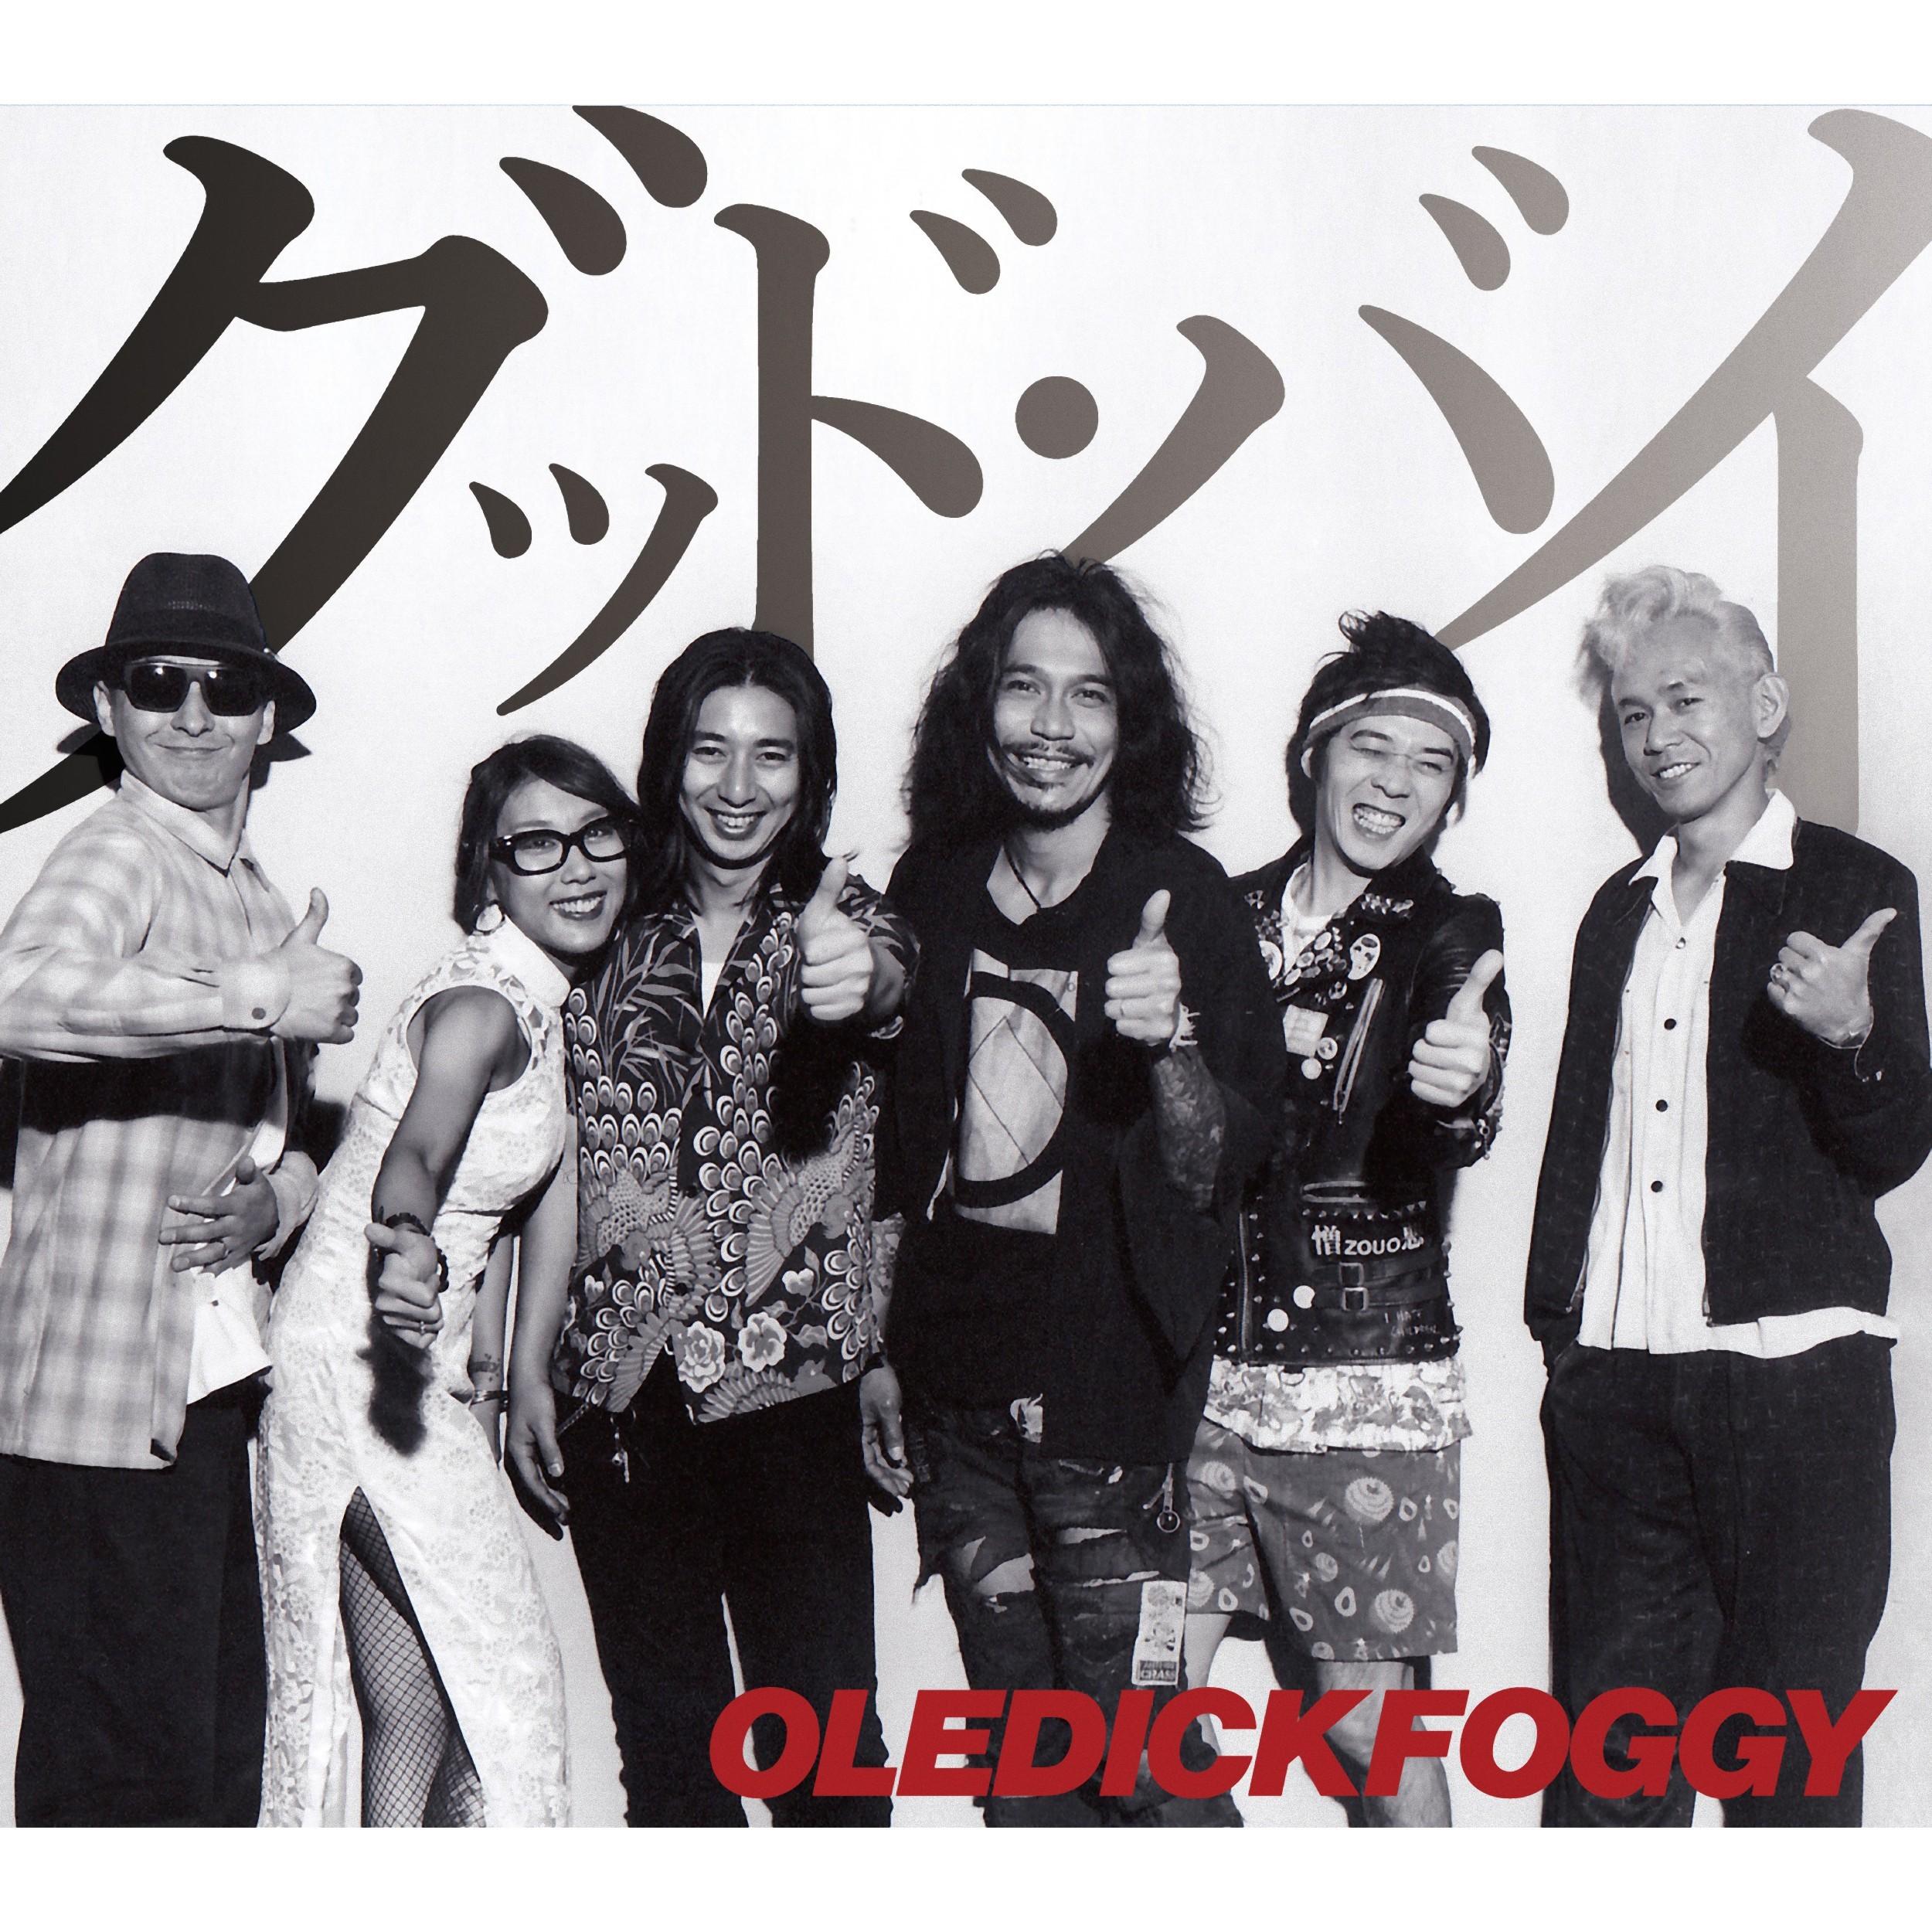 Image of グッド・バイ / OLEDICKFOGGY